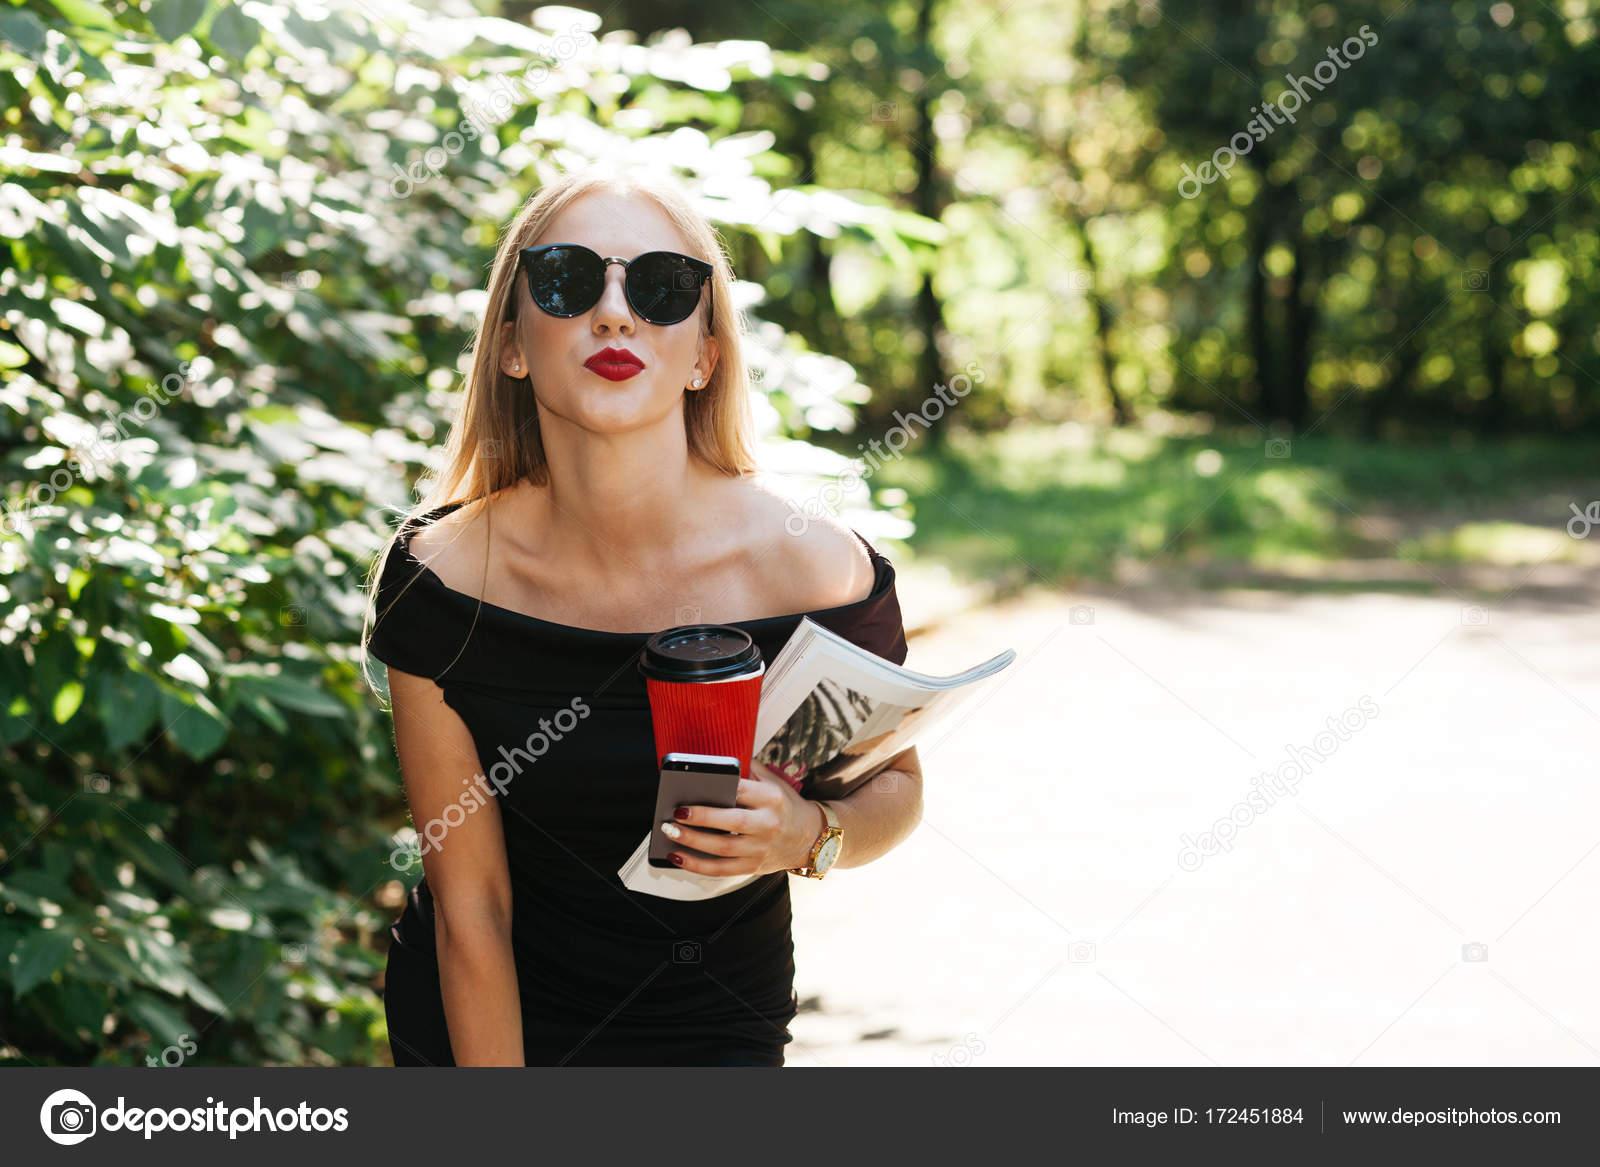 b17ec01c79 γυναίκα στο μικρό μαύρο φόρεμα και γυαλιά ηλίου — Φωτογραφία Αρχείου ...